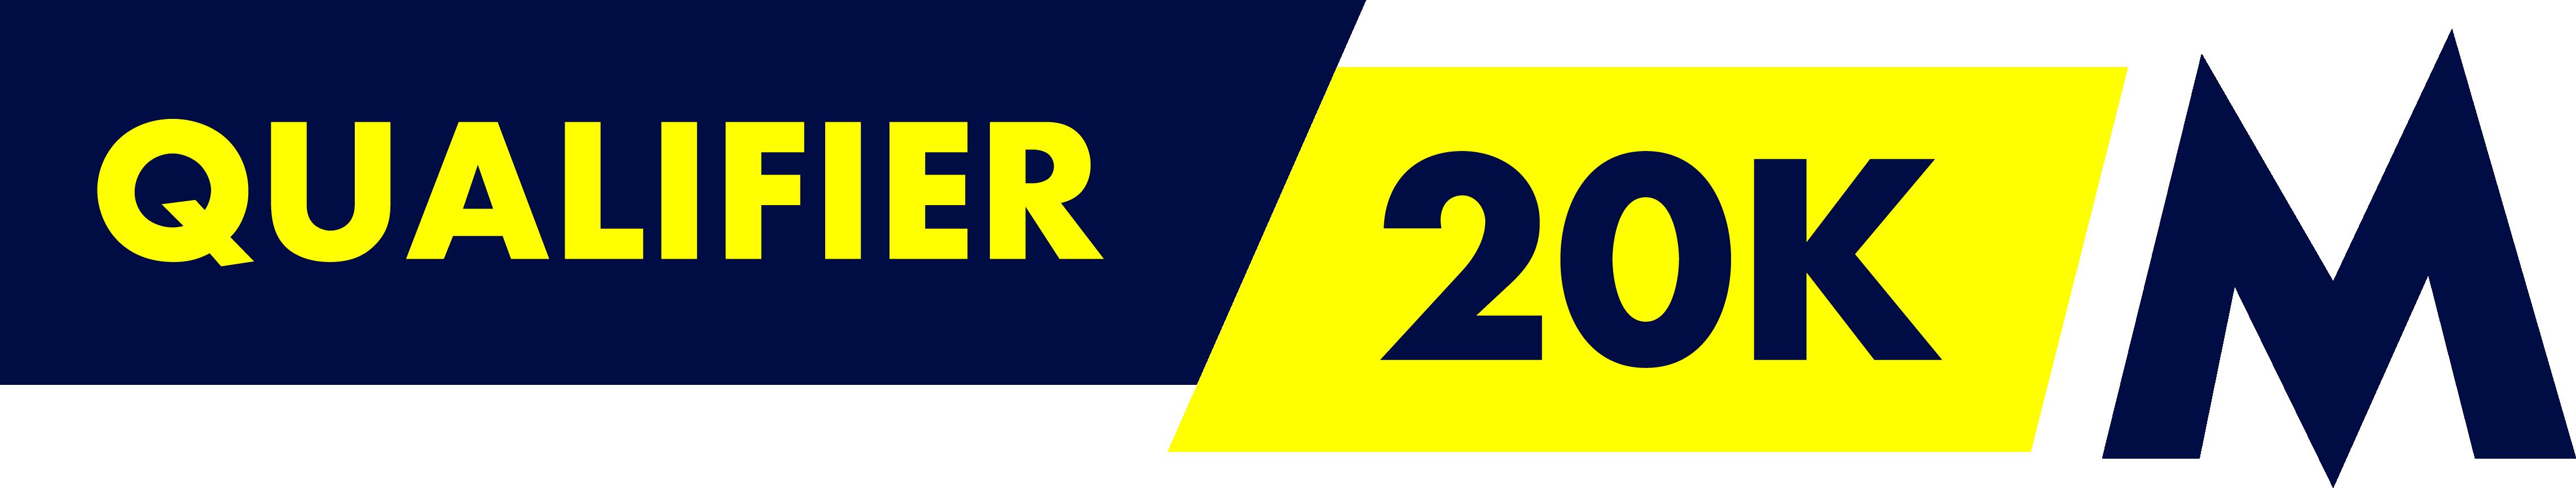 Qualifier-20K